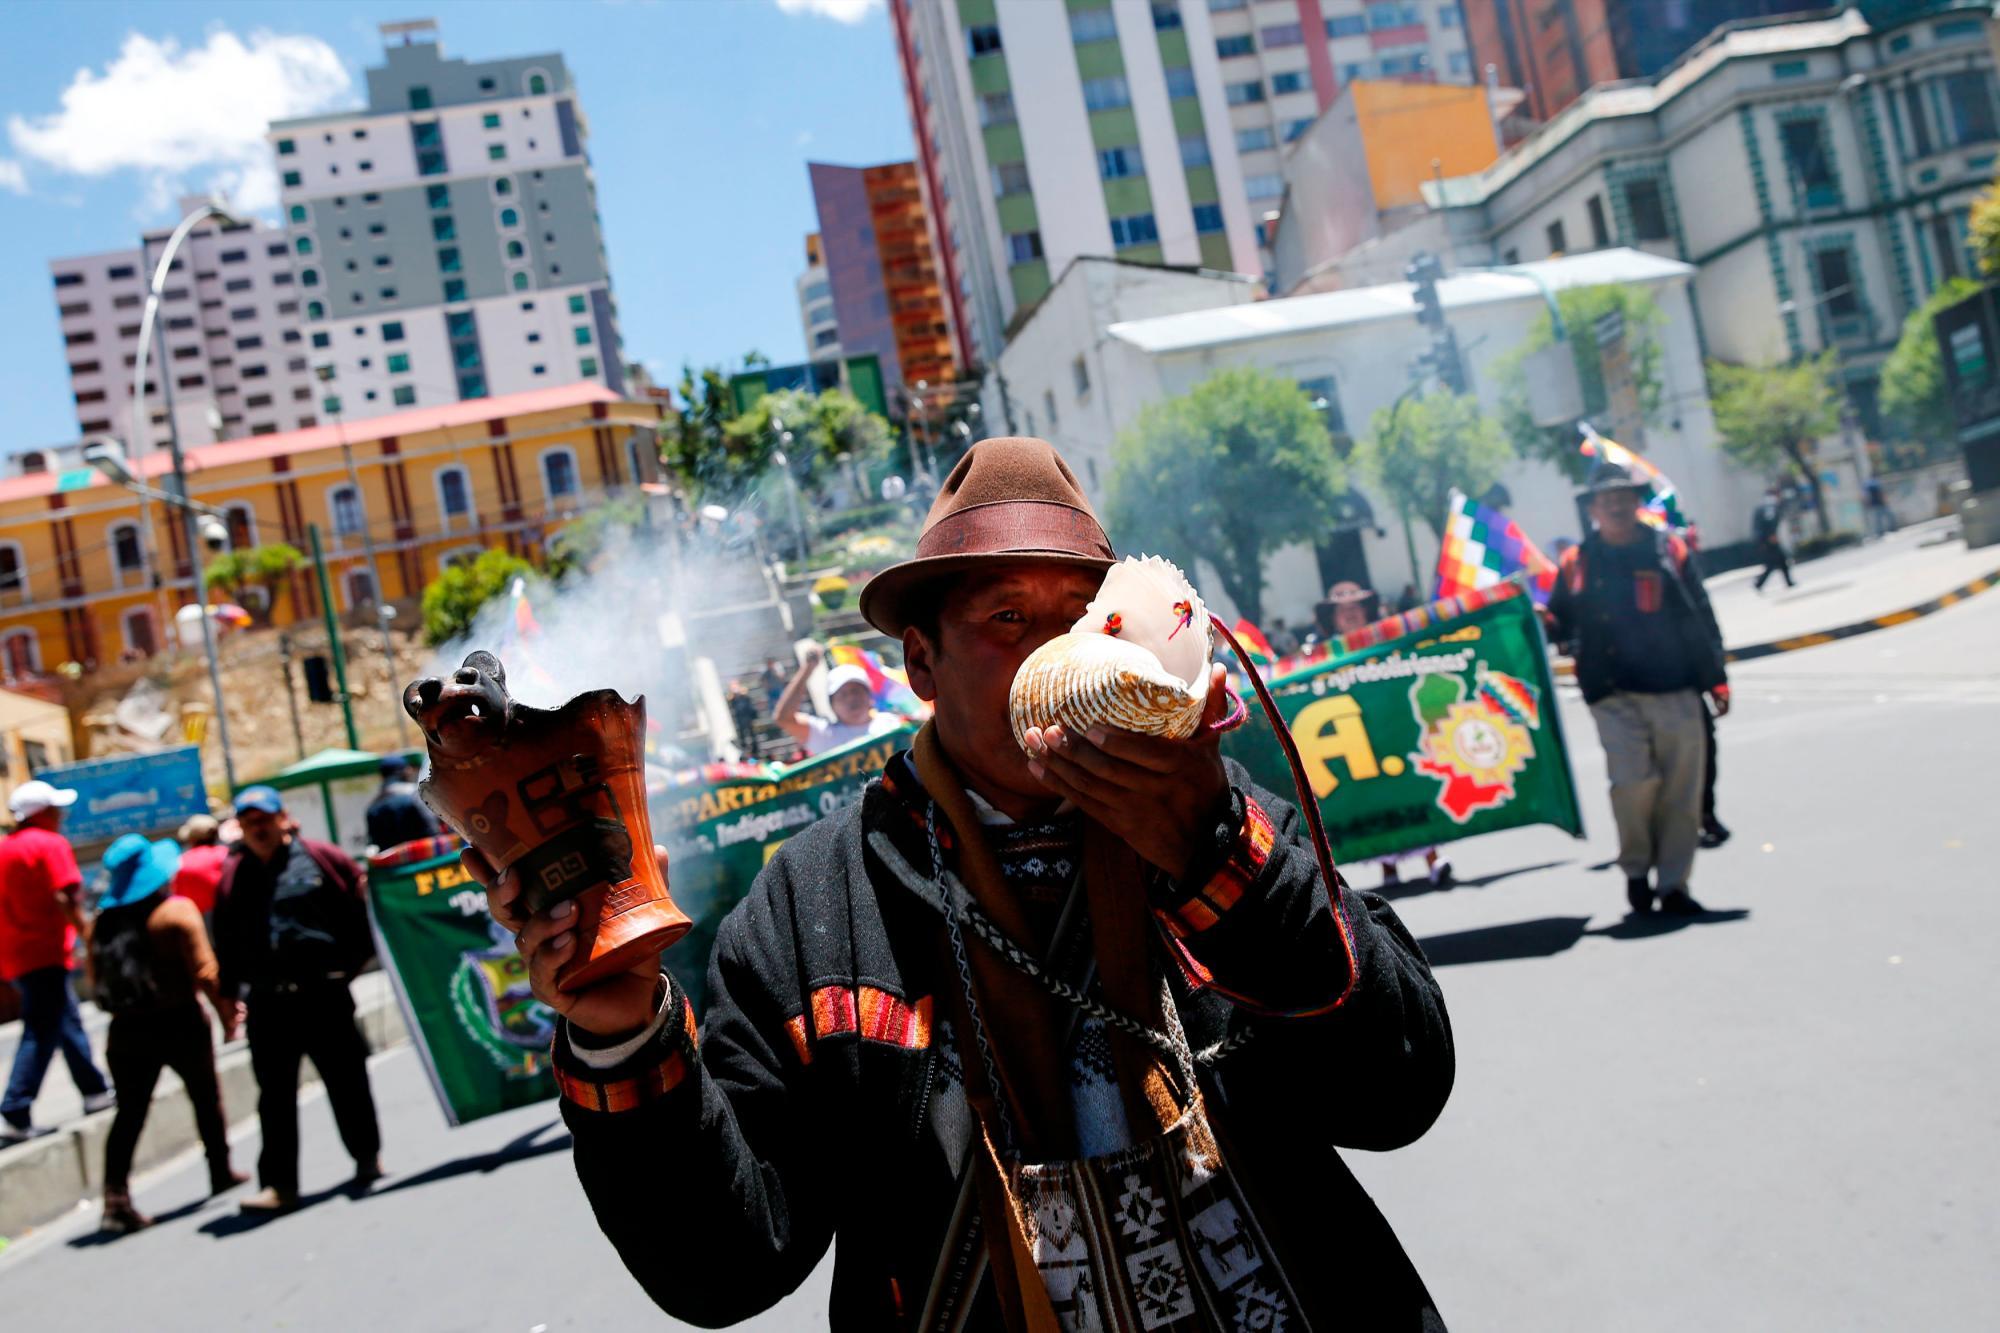 Un indígena muestra su apoyo a Evo Morales en una manifestación en la capital/Reuters